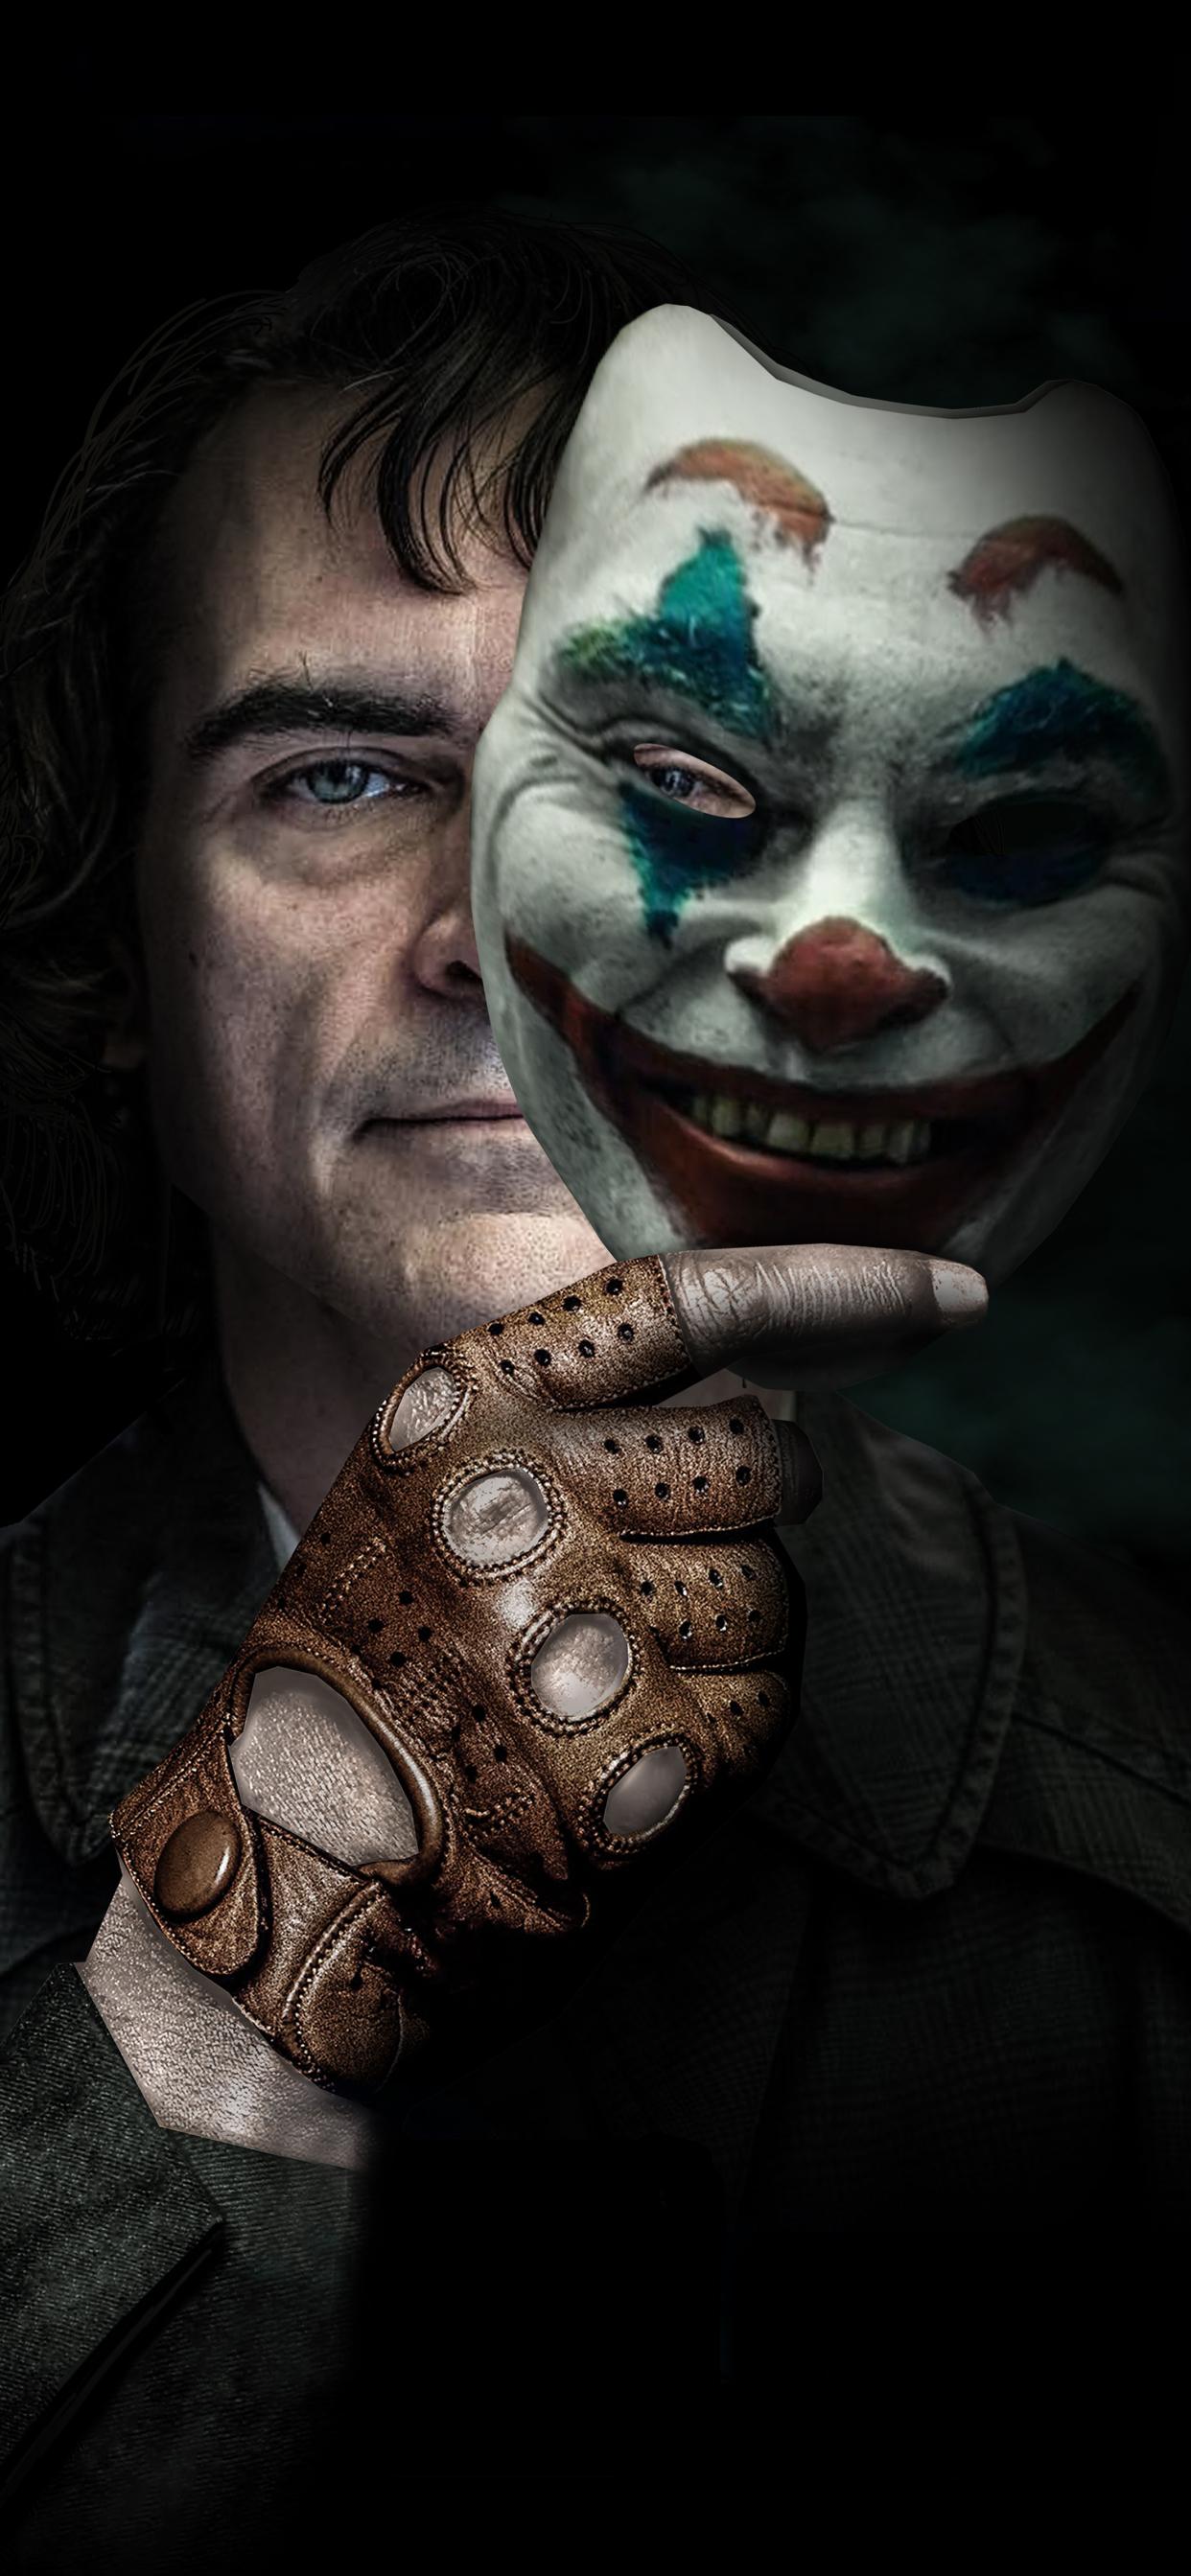 1242x2688 Joker 2019 Movie 4k Iphone Xs Max Wallpaper Hd